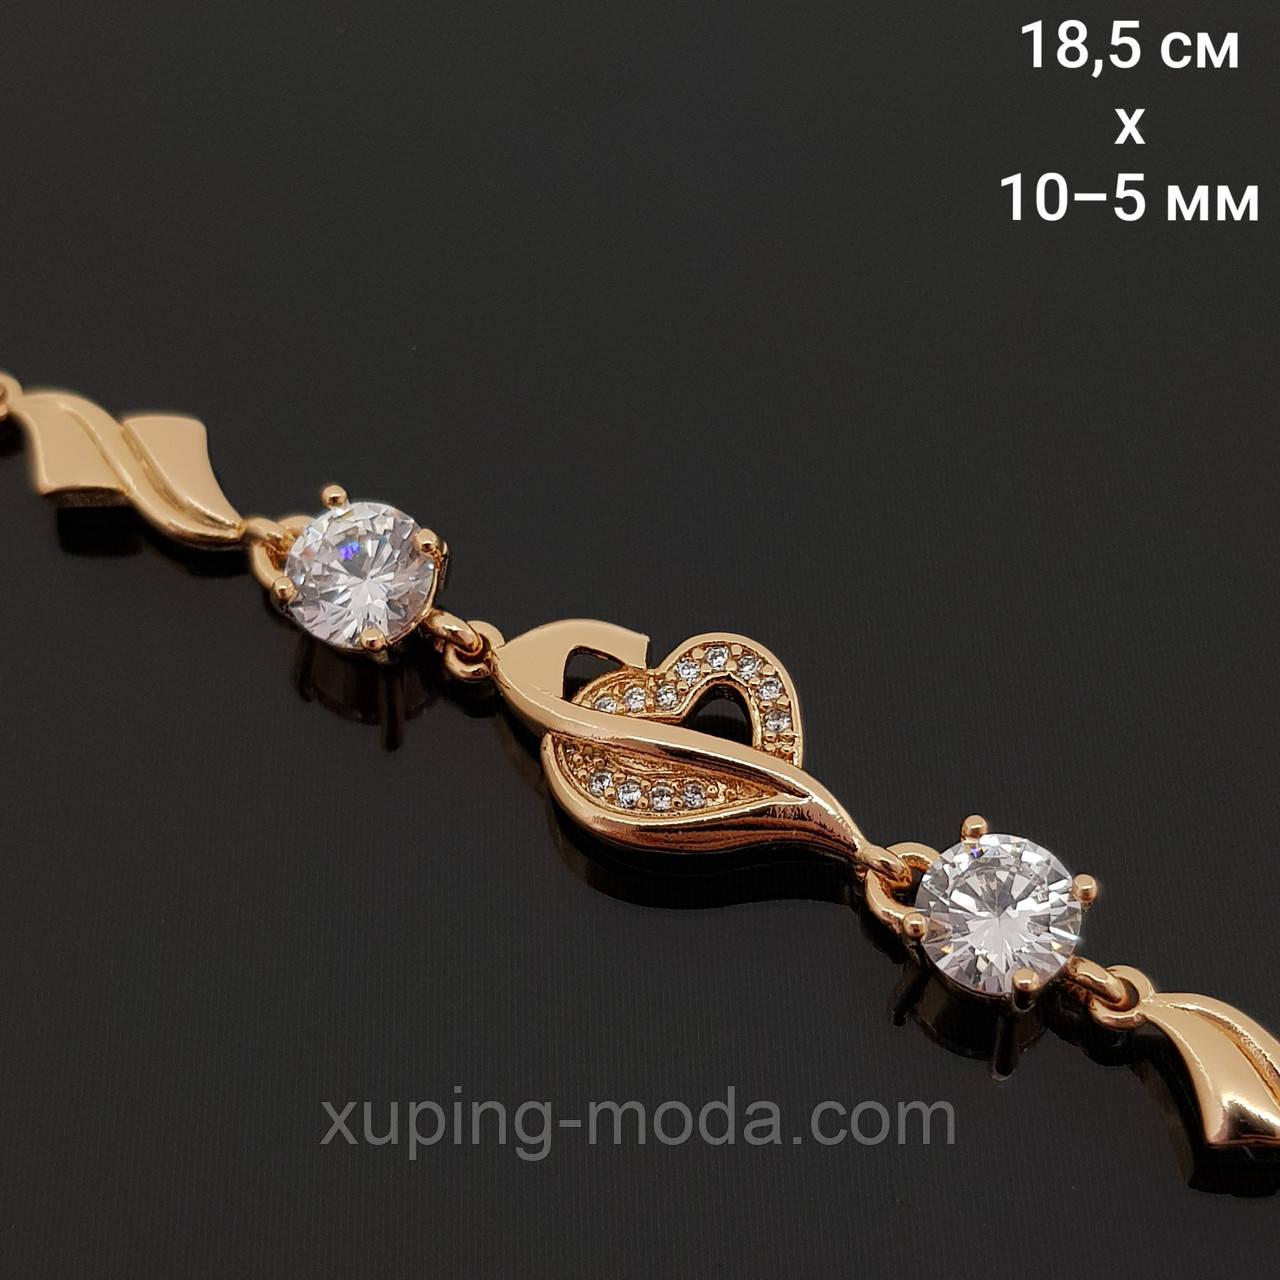 Красивый браслет. Браслет с камнями xp